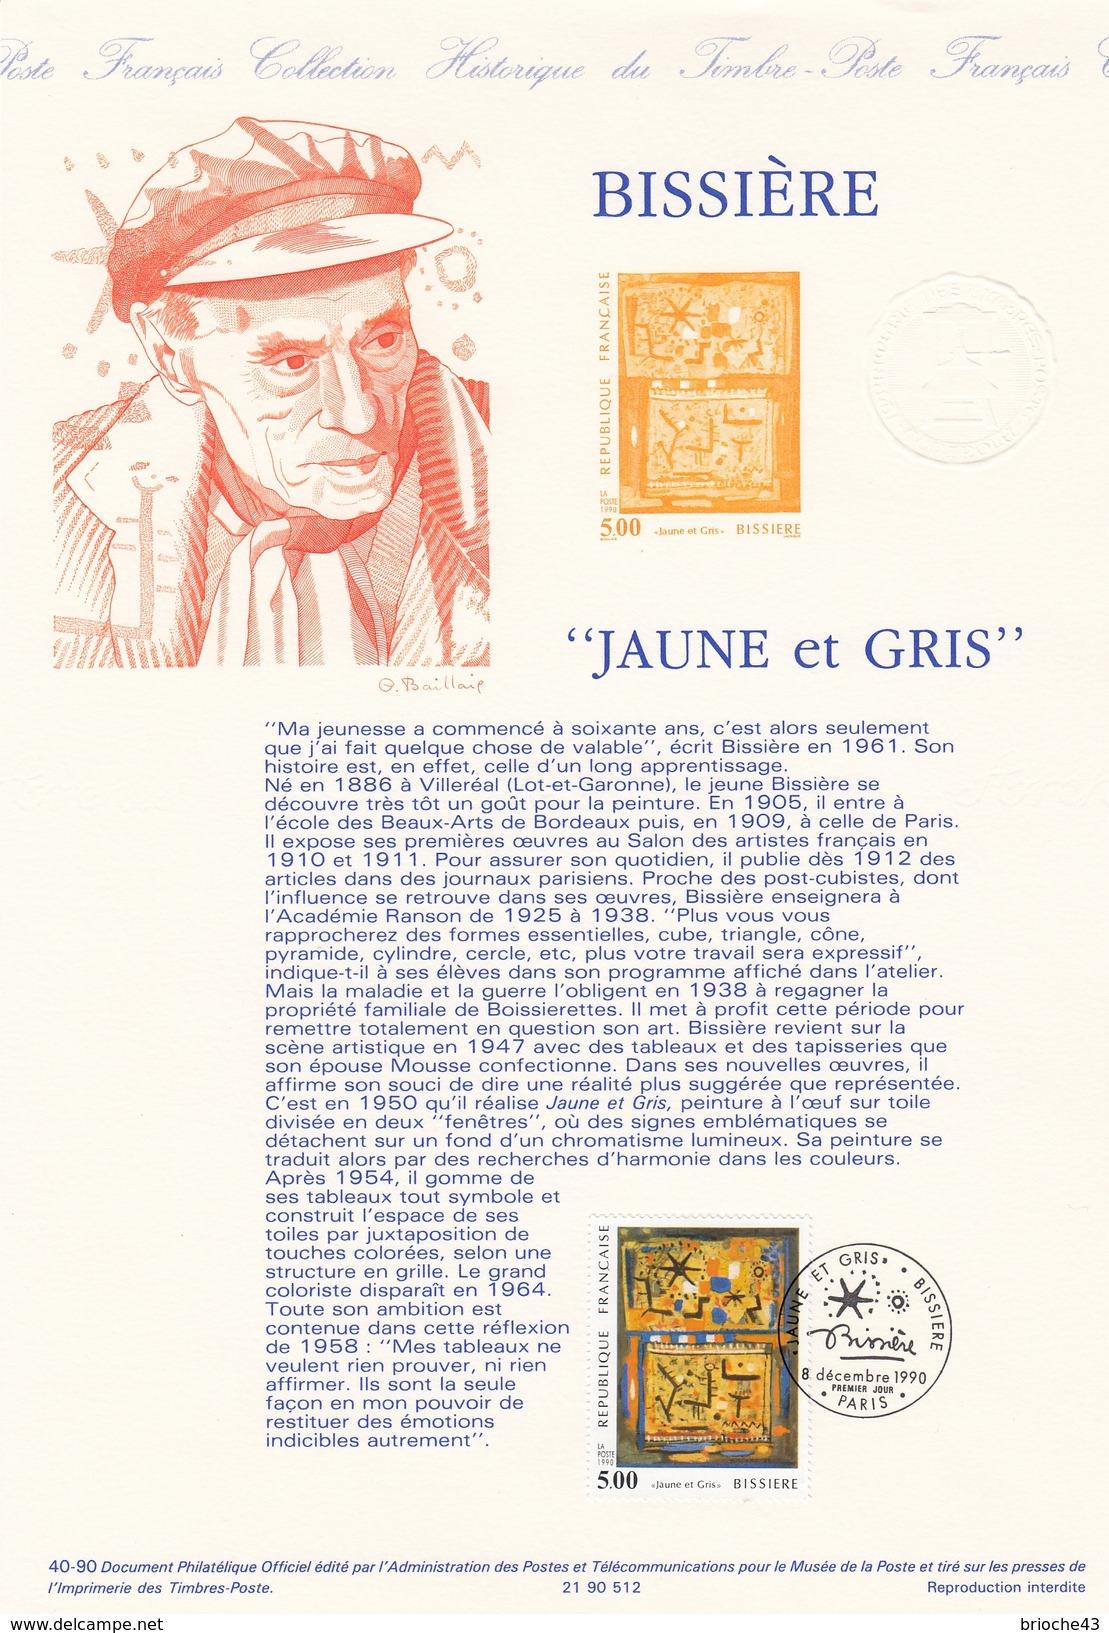 """FRANCE 1990- TIMBRE 5.00 BISSIERE """"JAUNE ET GRIS""""- OBLITERATION PREMIER JOUR 8.12.1990 SUR DOC. DE LA POSTE - Gebraucht"""